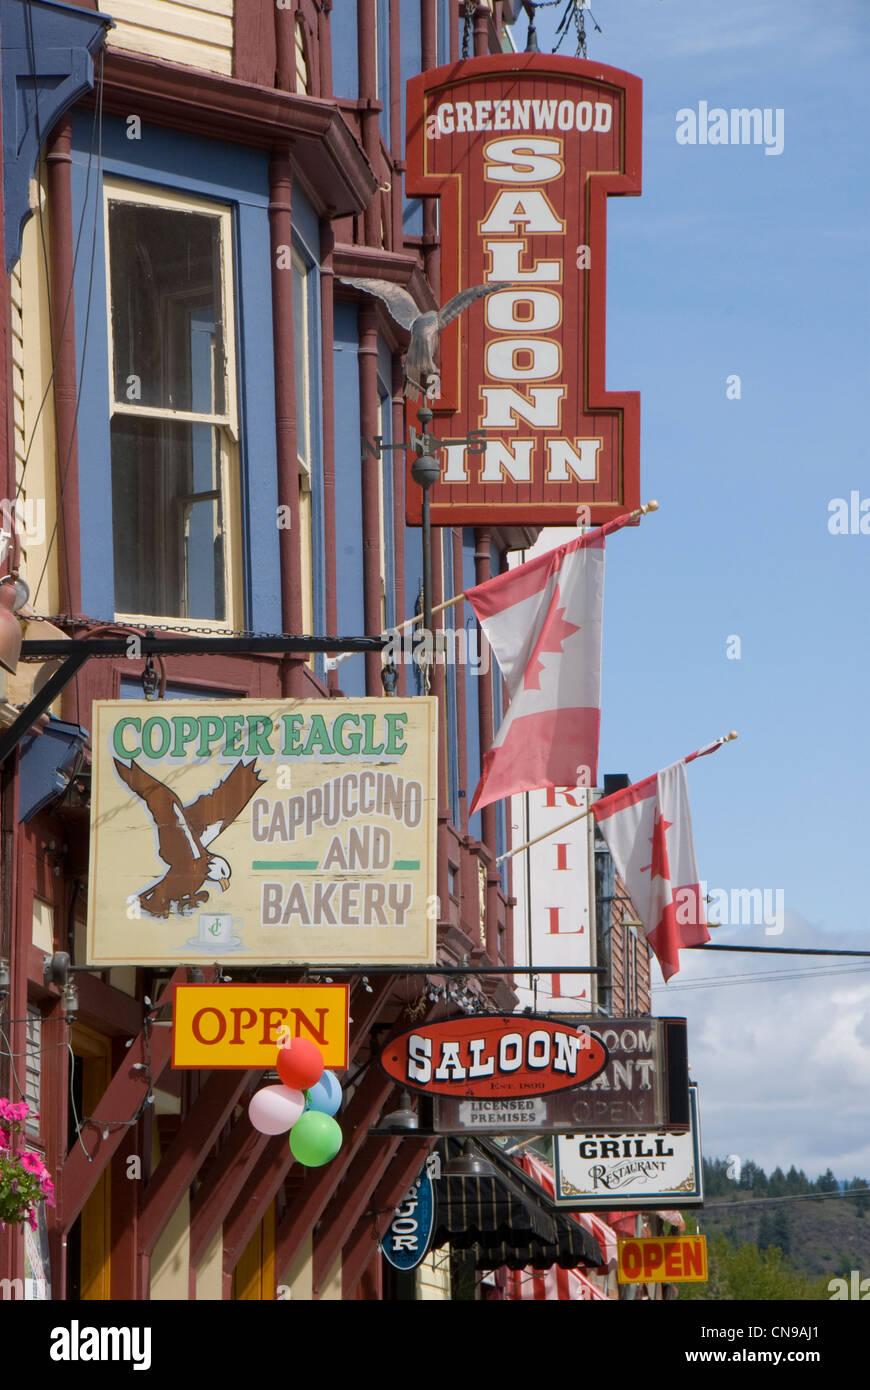 Geschäft Zeichen, Greenwood British Columbia, Kanada Stockbild